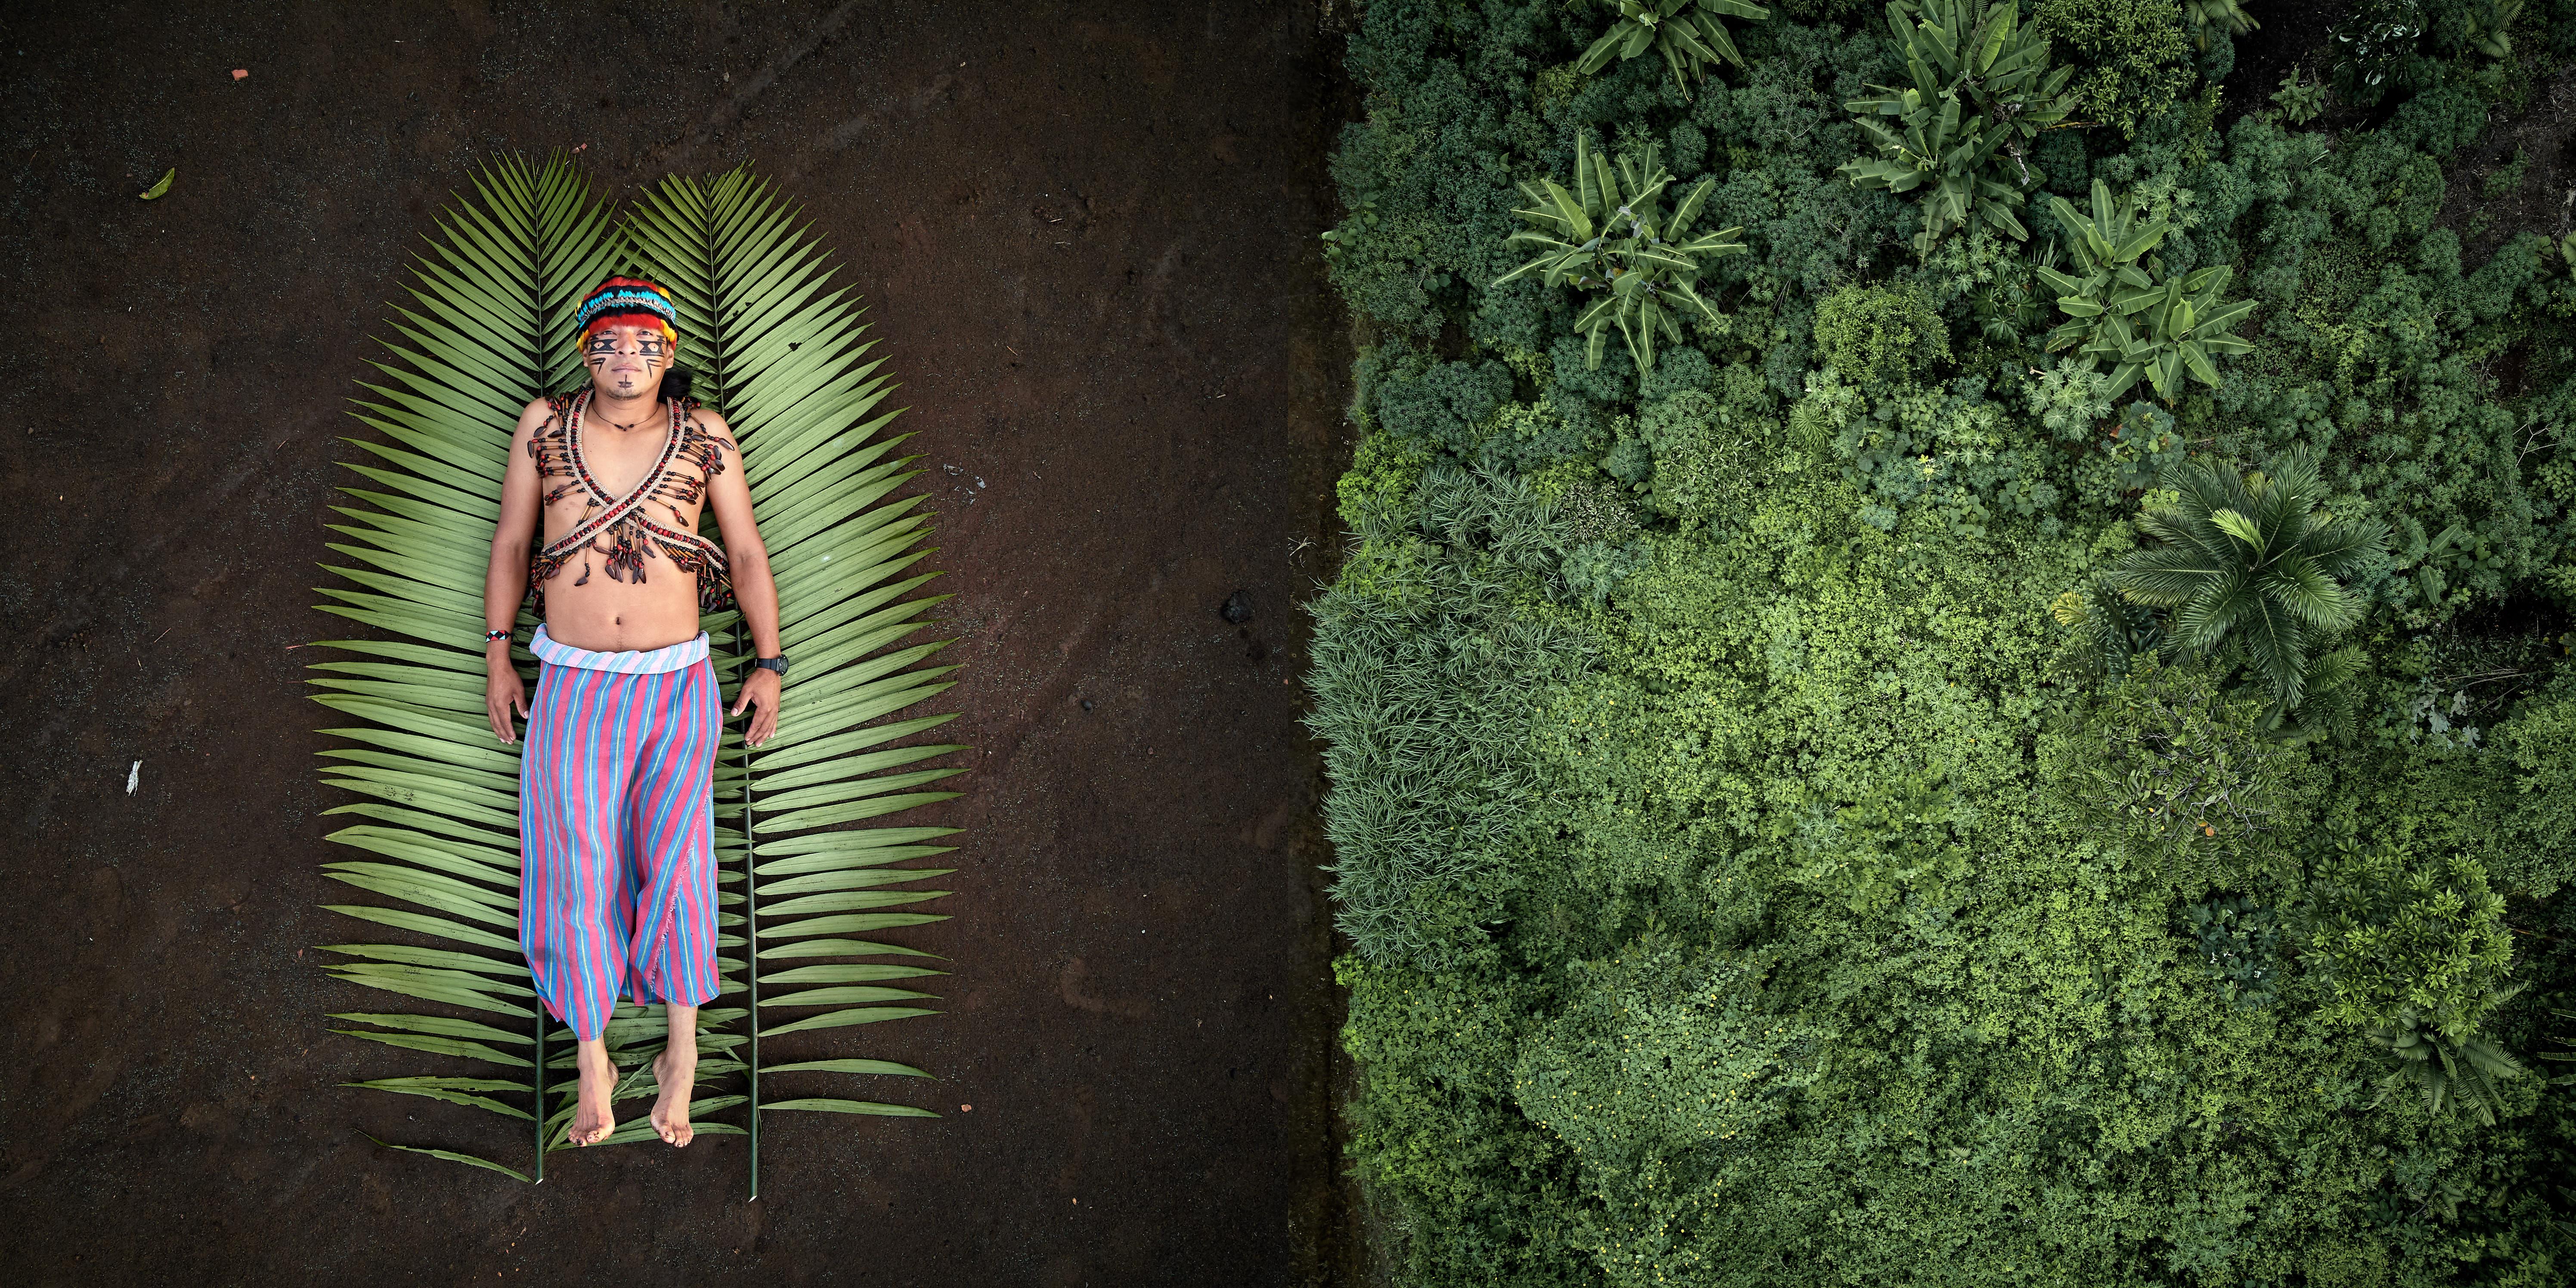 © Pablo Albarenga, Uruguay, Shortlist, Latin America Professional Award, 2020 Sony World Photography Awards